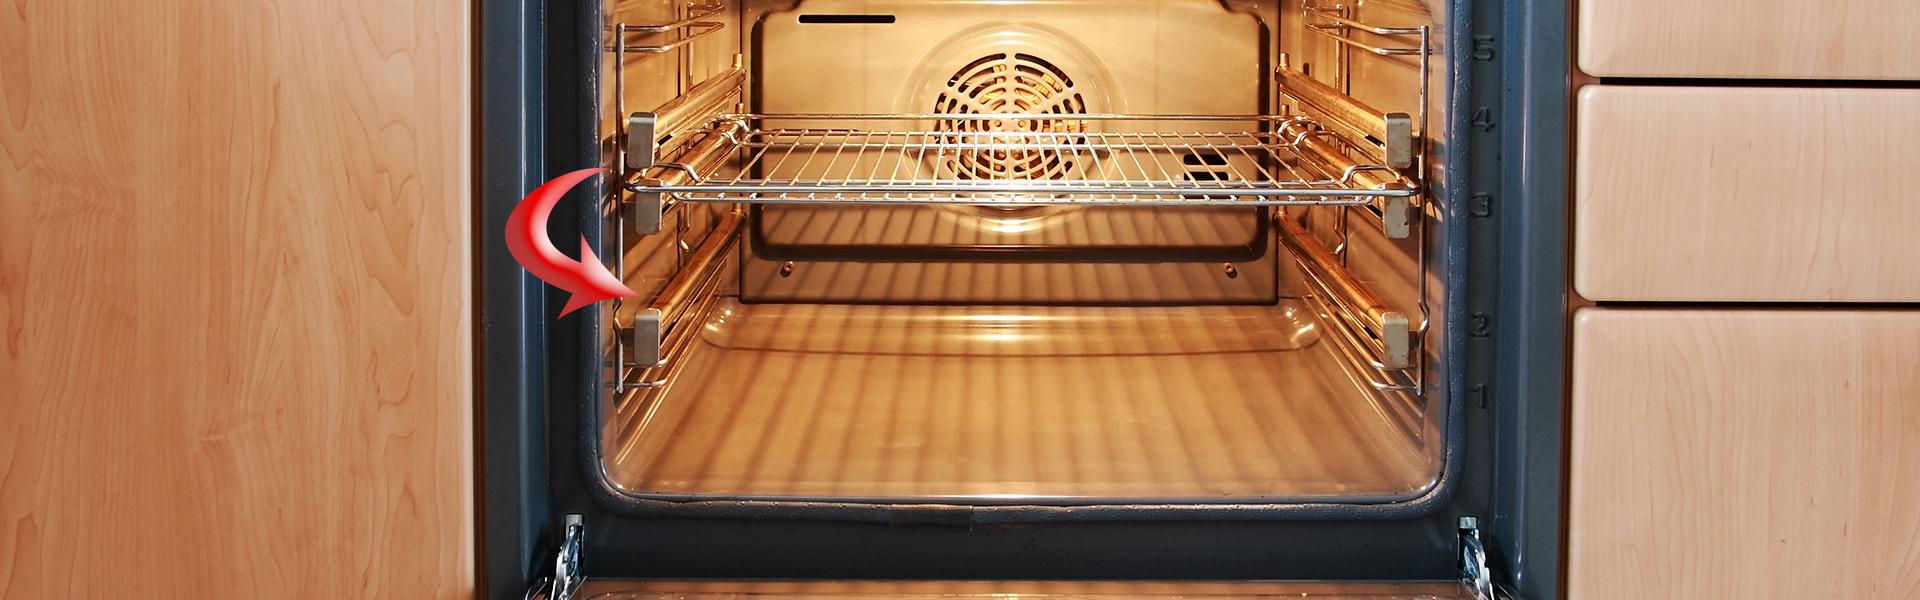 adjusting oven racks